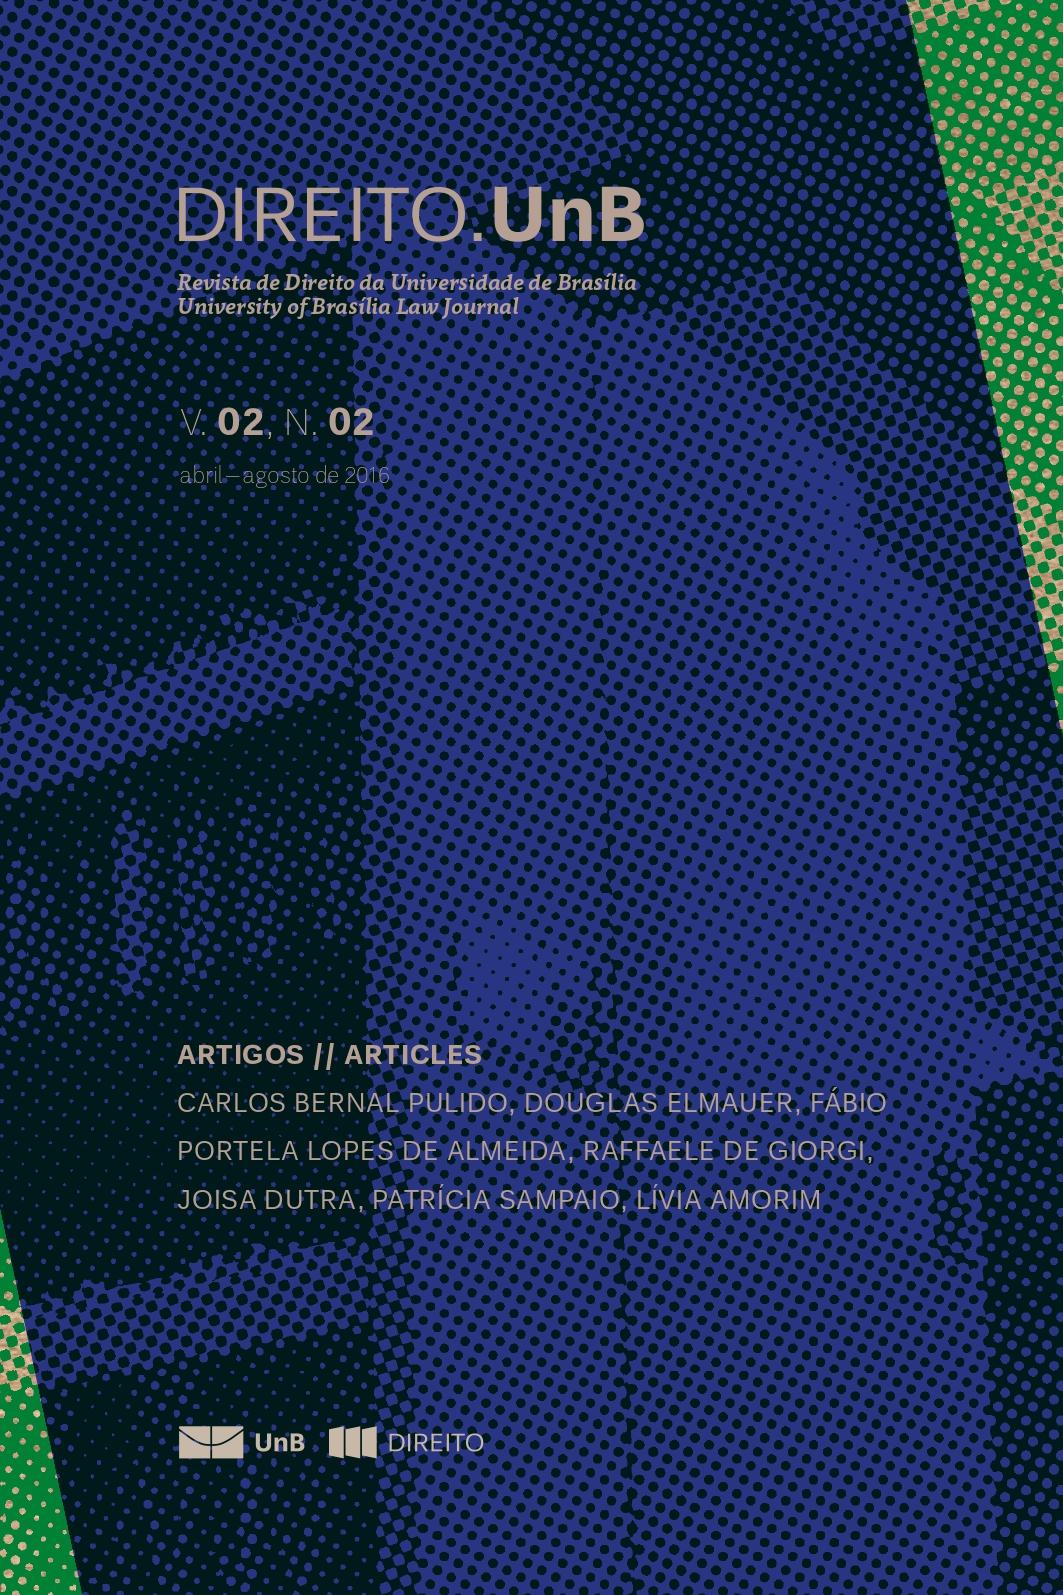 Capa da Revista Direito.UnB Volume 2, Número 2